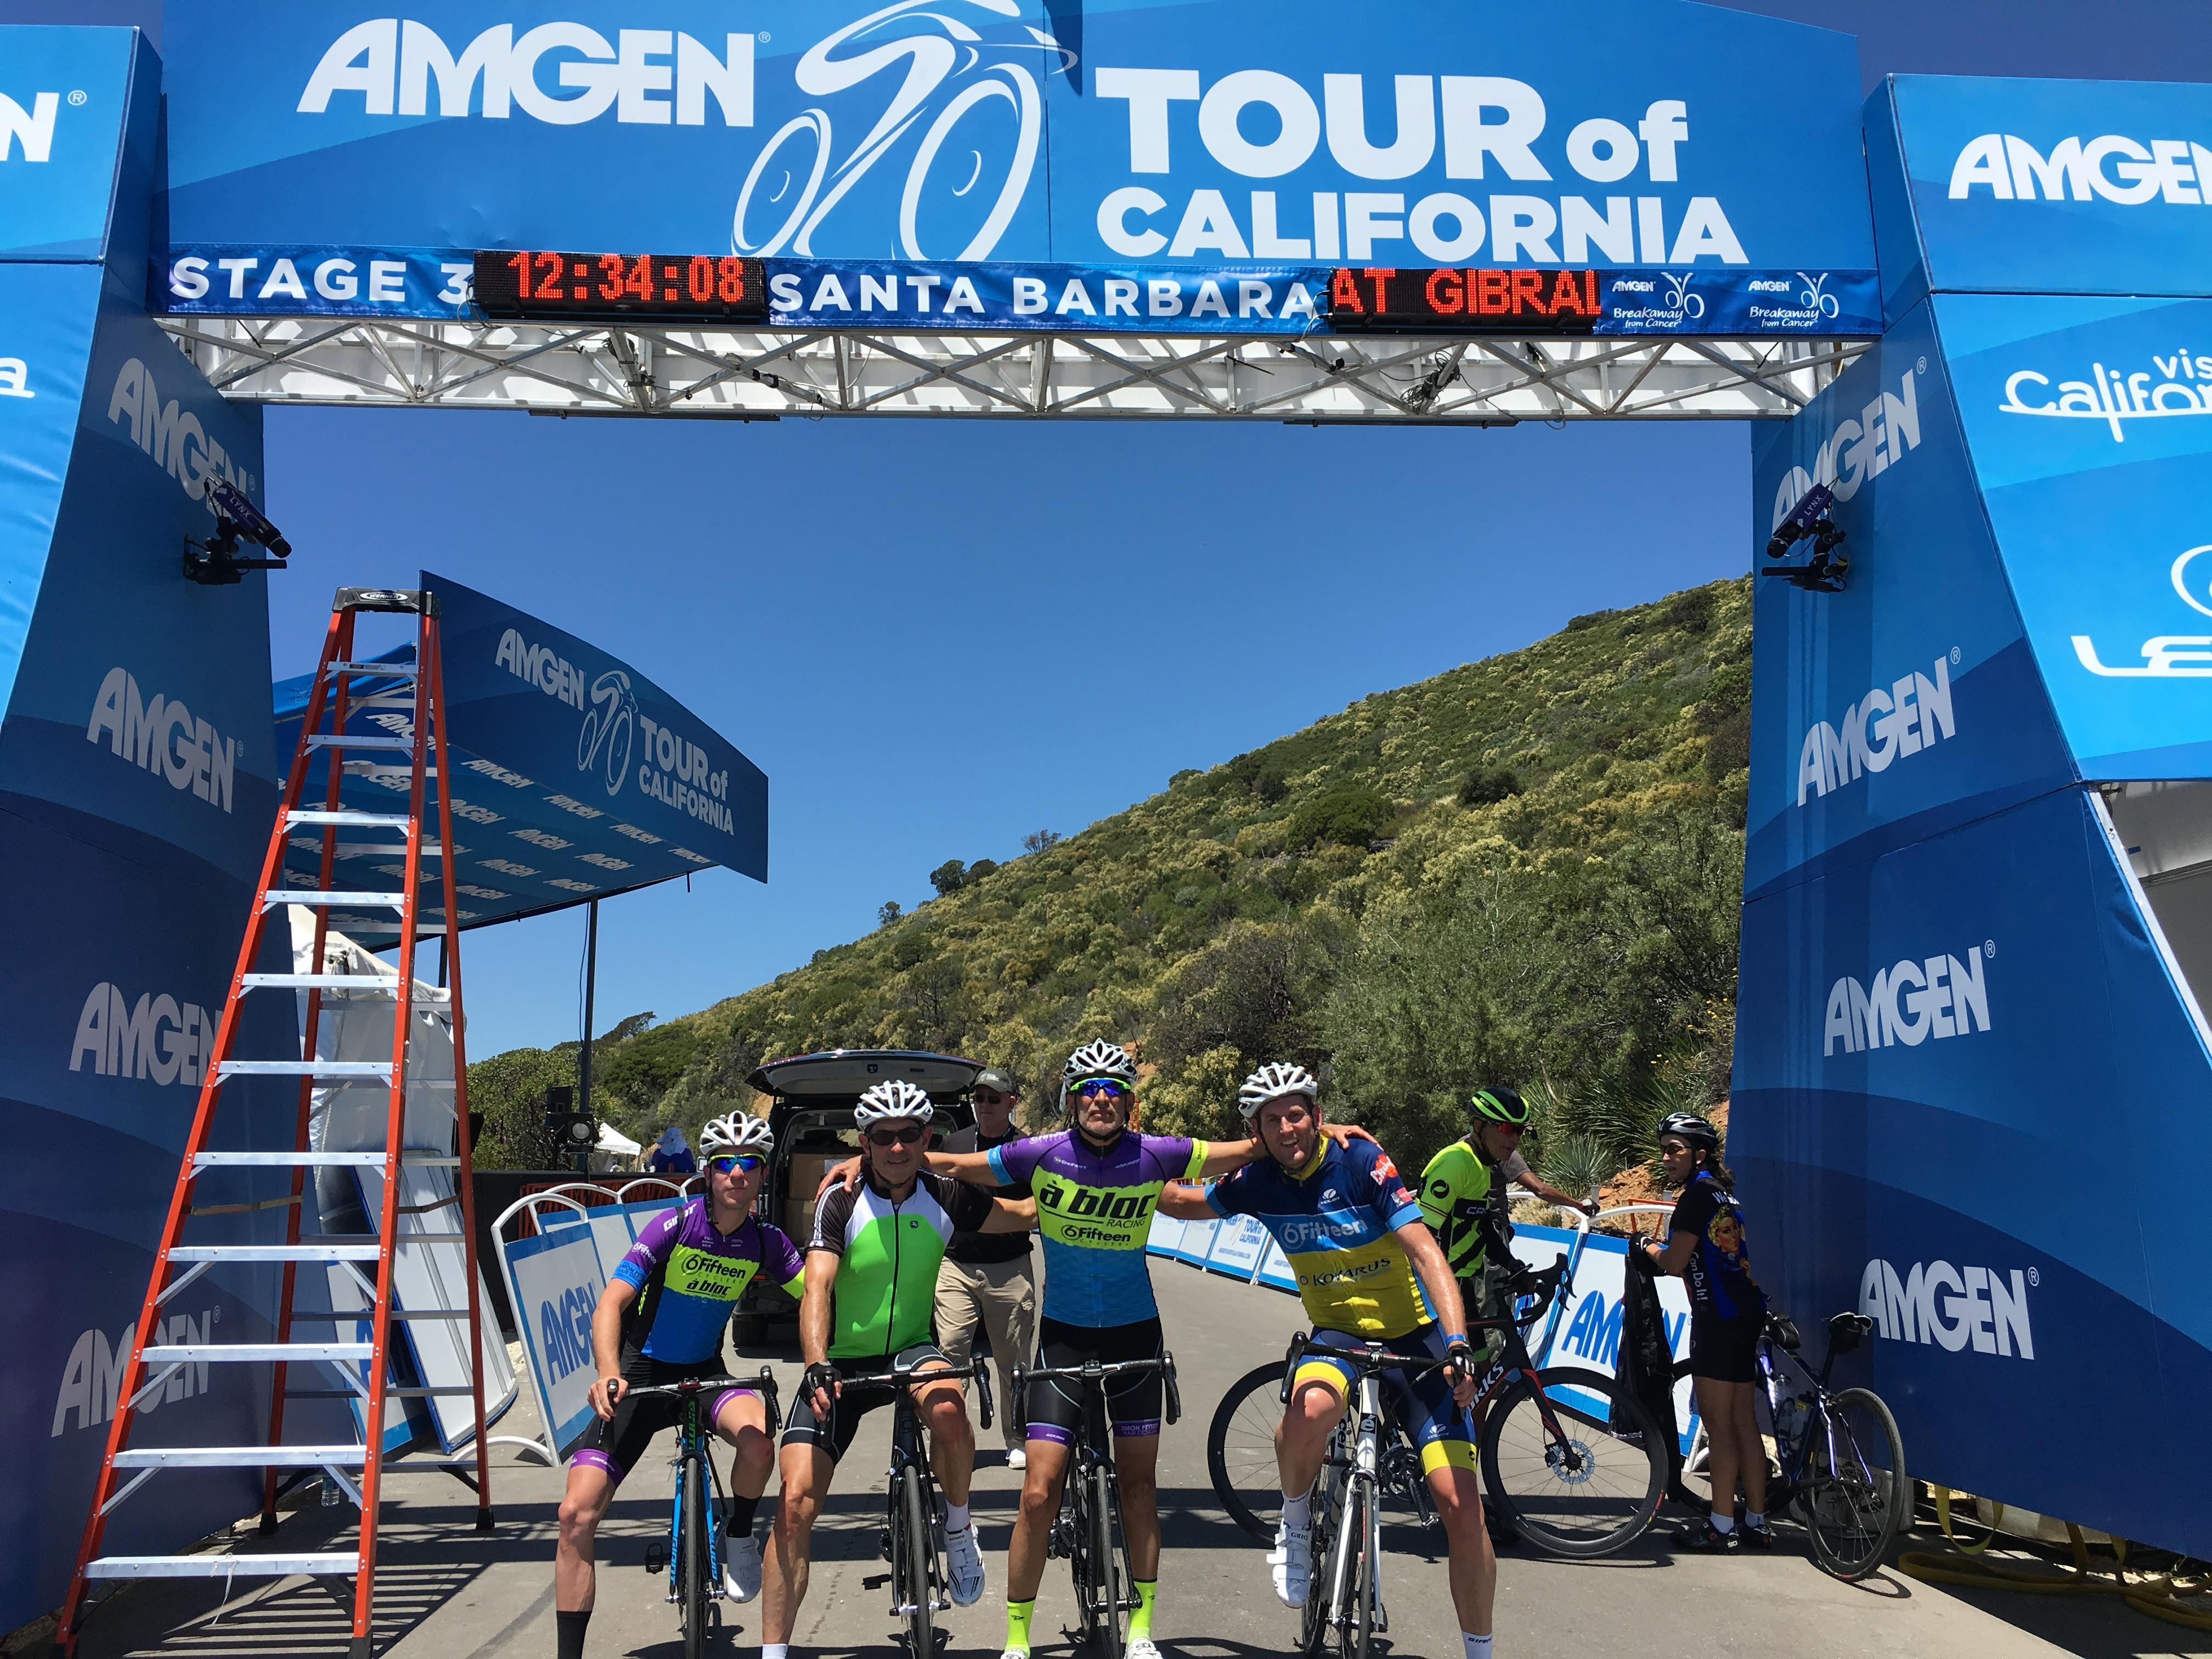 2017 Amgen Tour of California 2 day tour